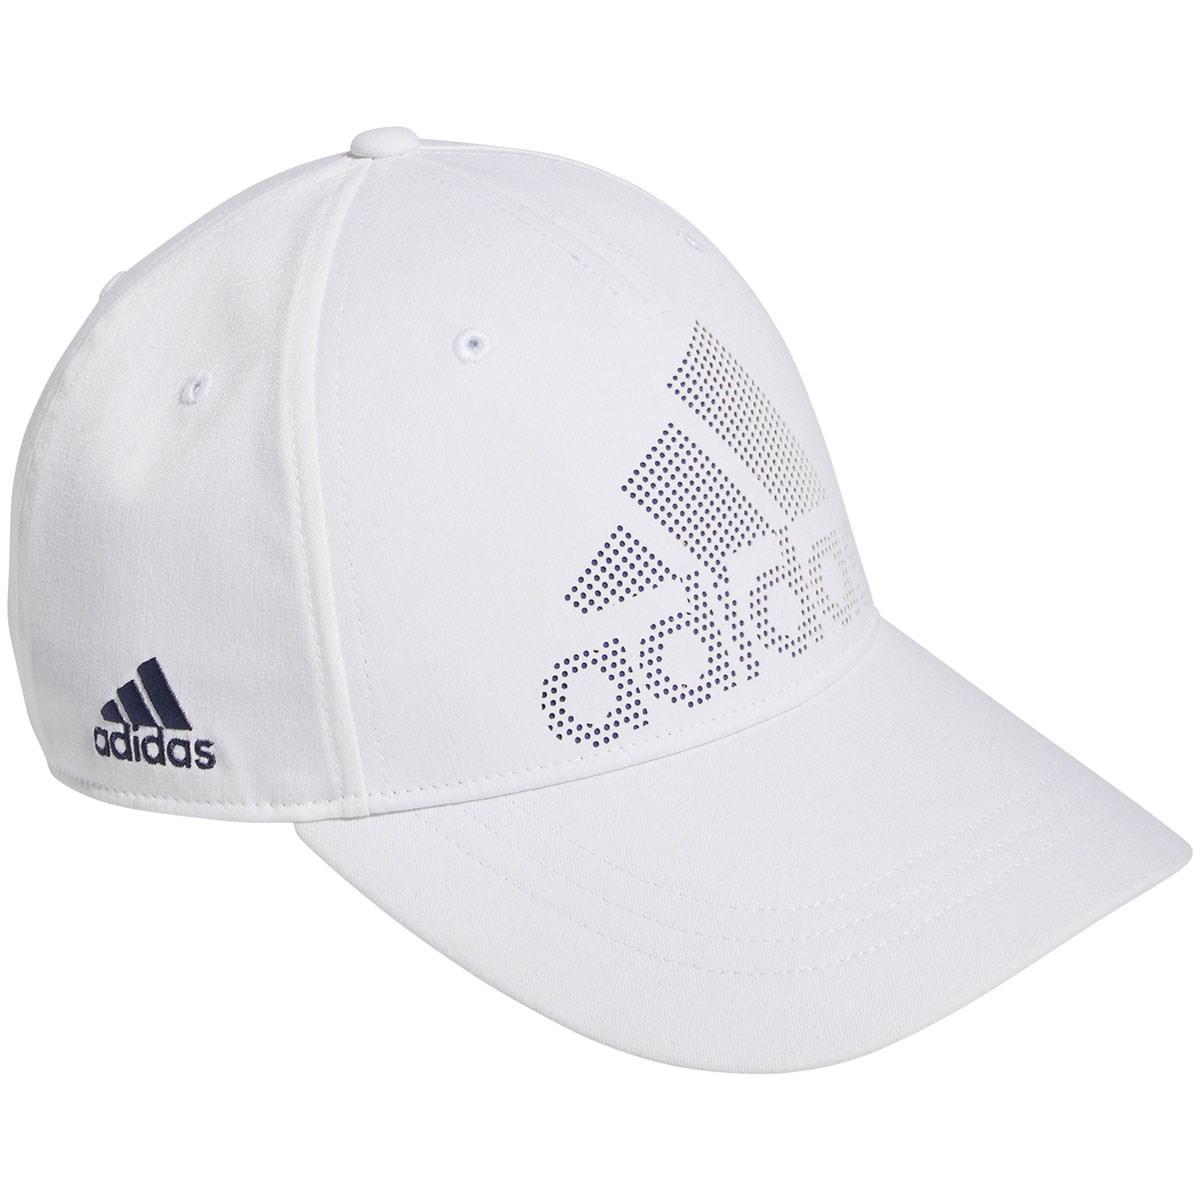 アディダス Adidas ドットロゴキャップ フリー ホワイト